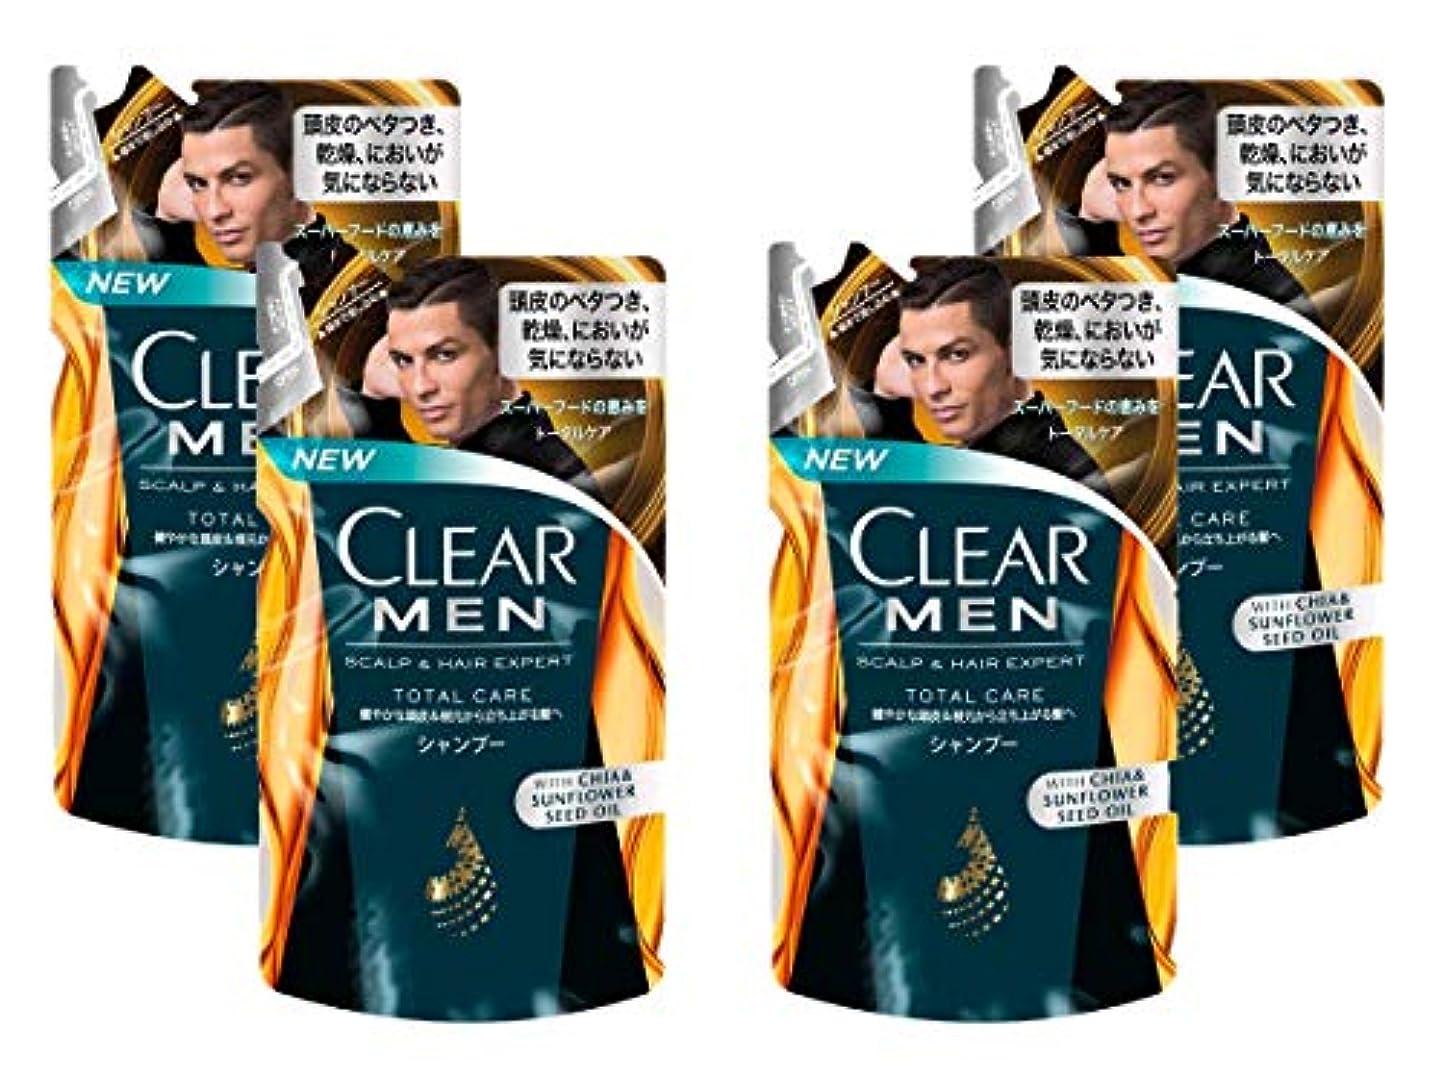 マーケティング運命的な起きて【4袋セット】クリア フォーメン トータルケア 男性用シャンプー つめかえ用 (健やかな頭皮へ) 280g × 4袋